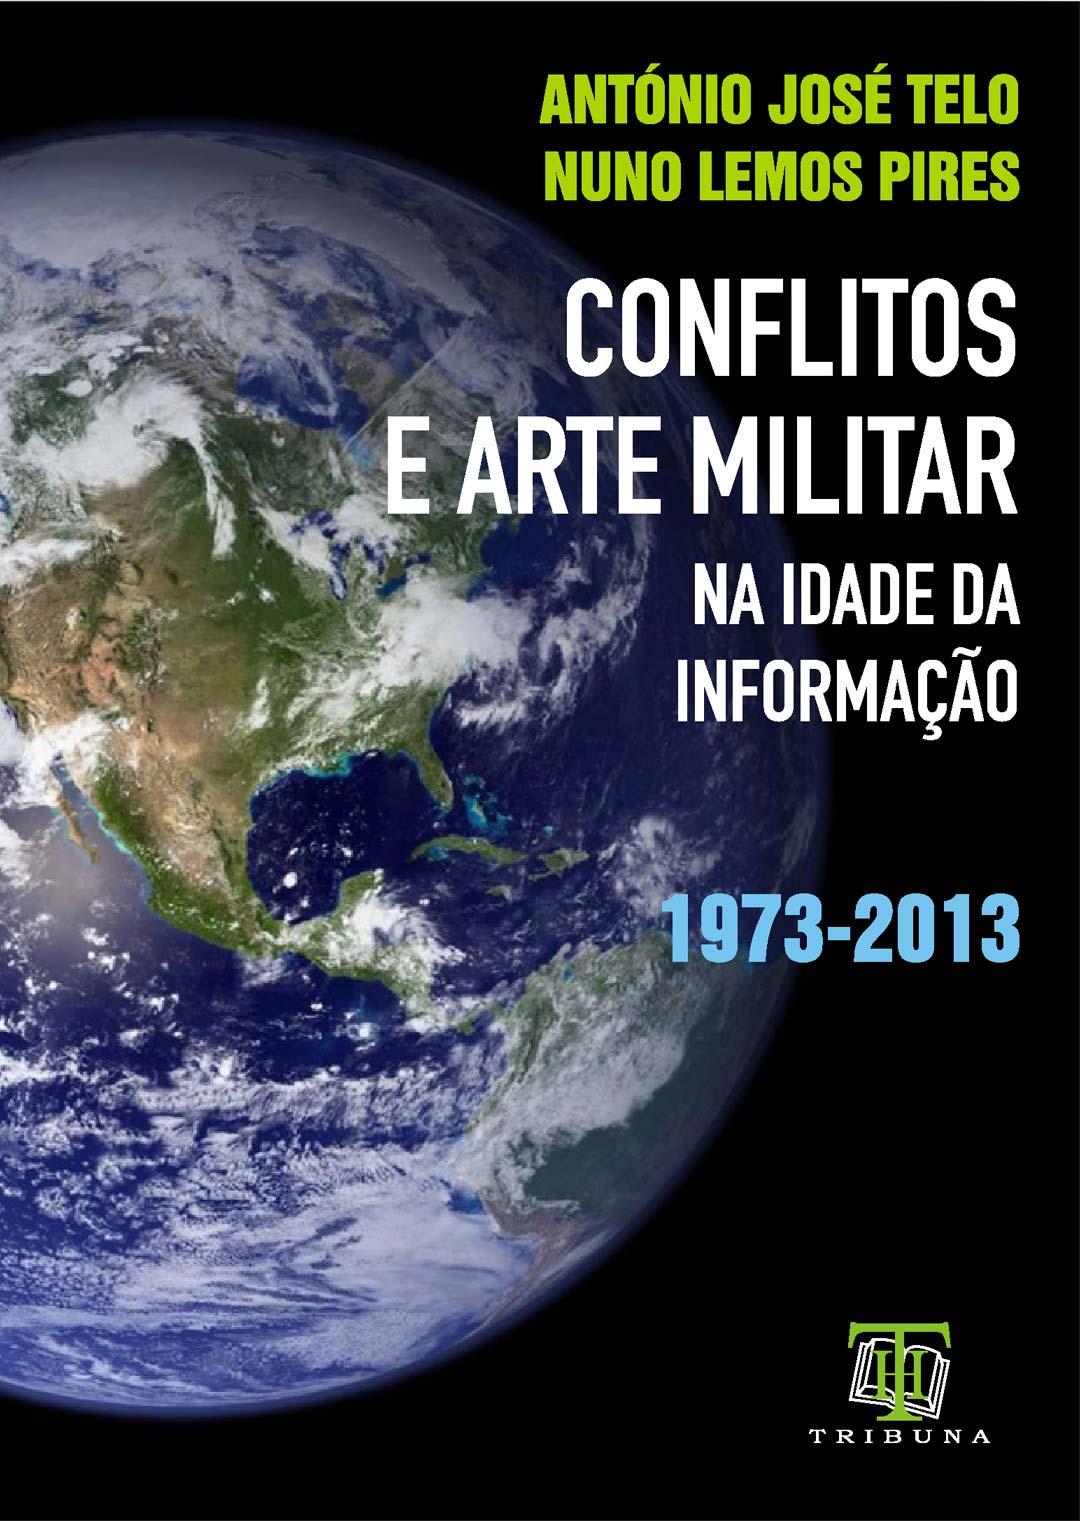 Conflitos e Arte Militar na Idade da Informação